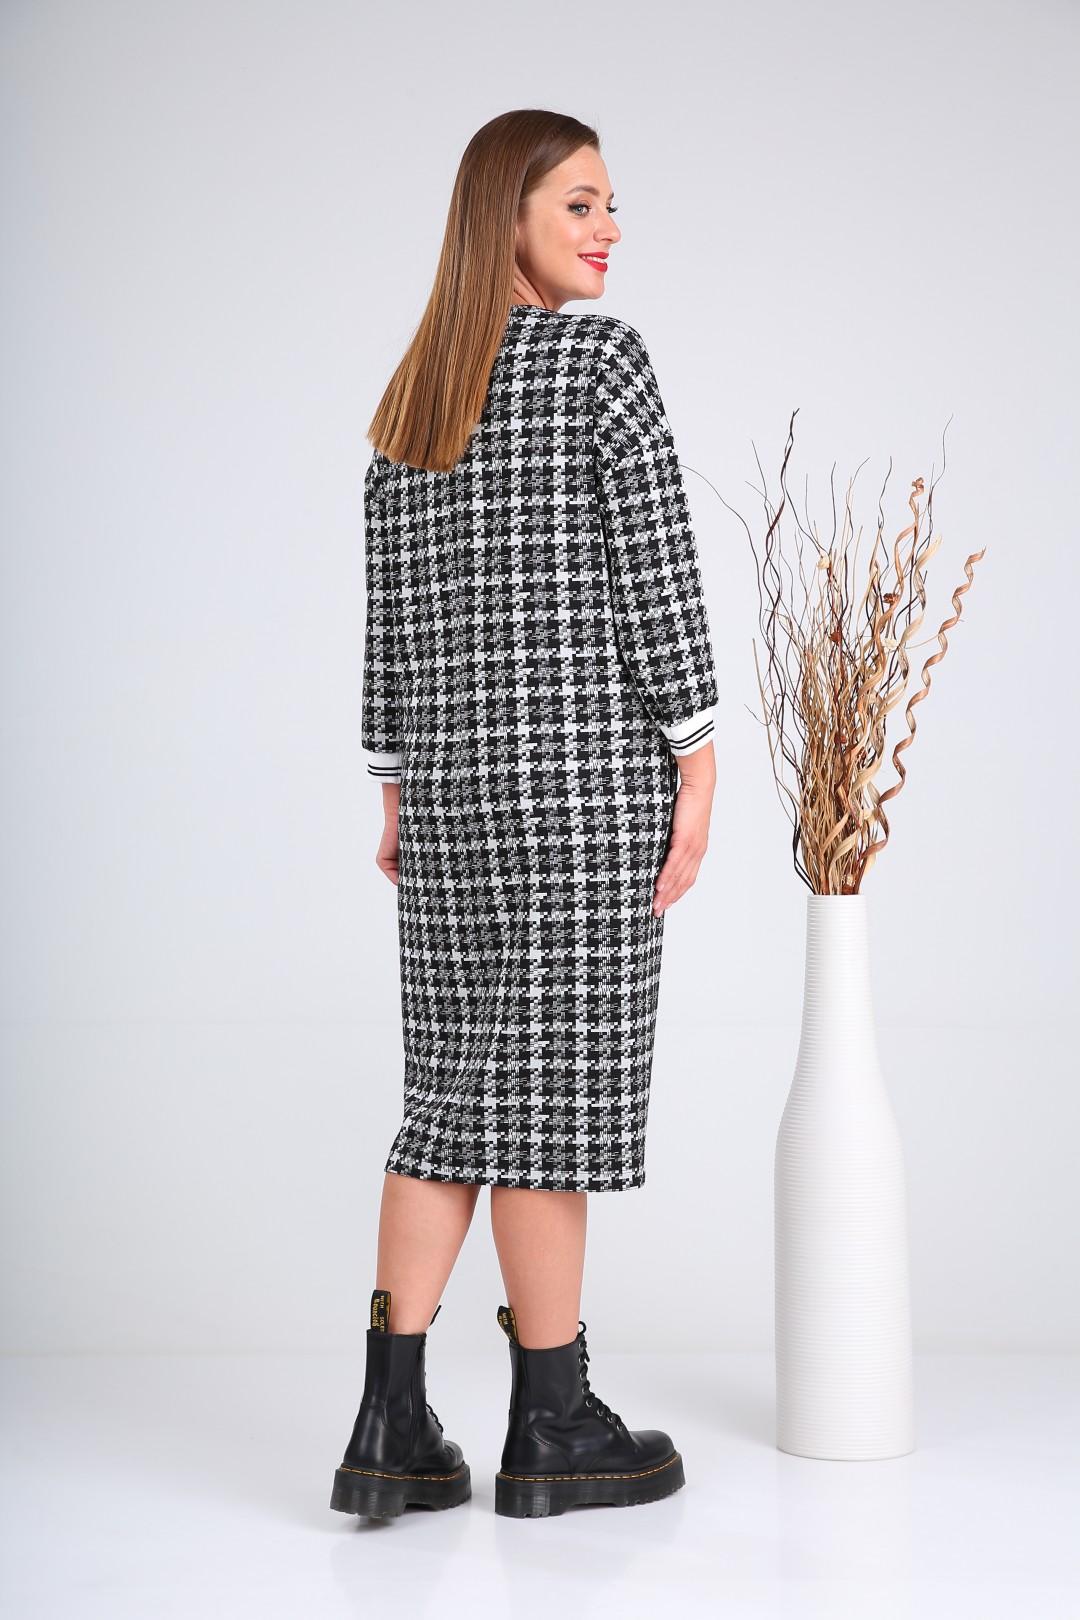 Платье Верита 2132 черный+белый